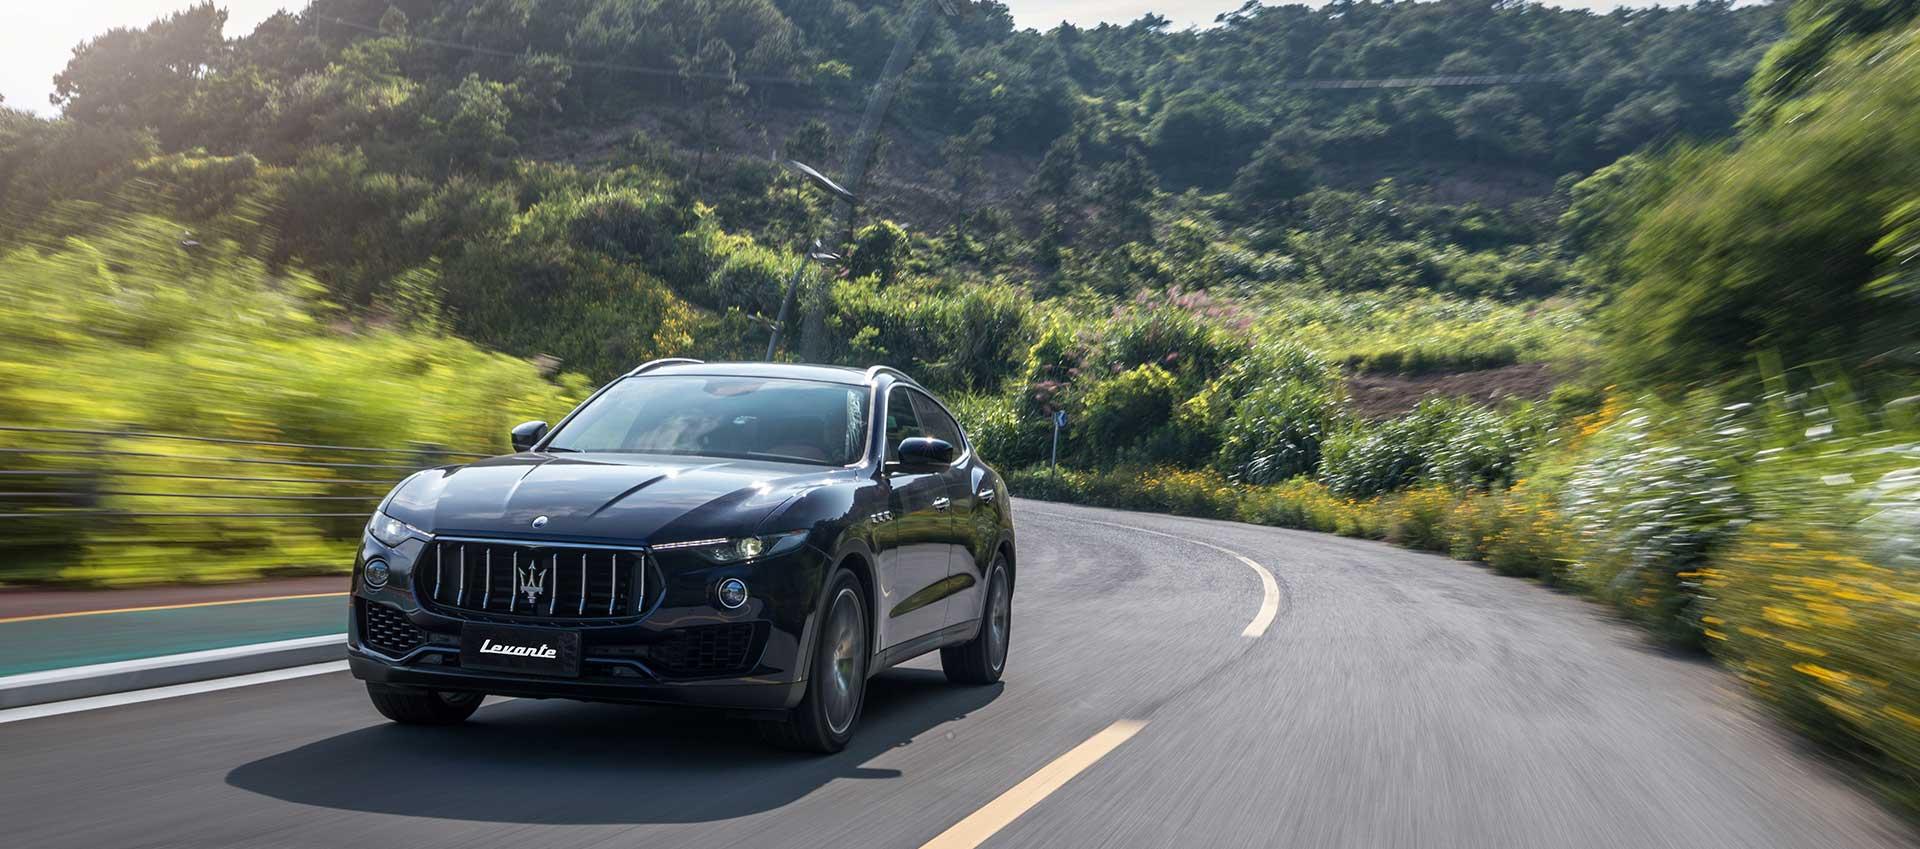 Maserati Asturias